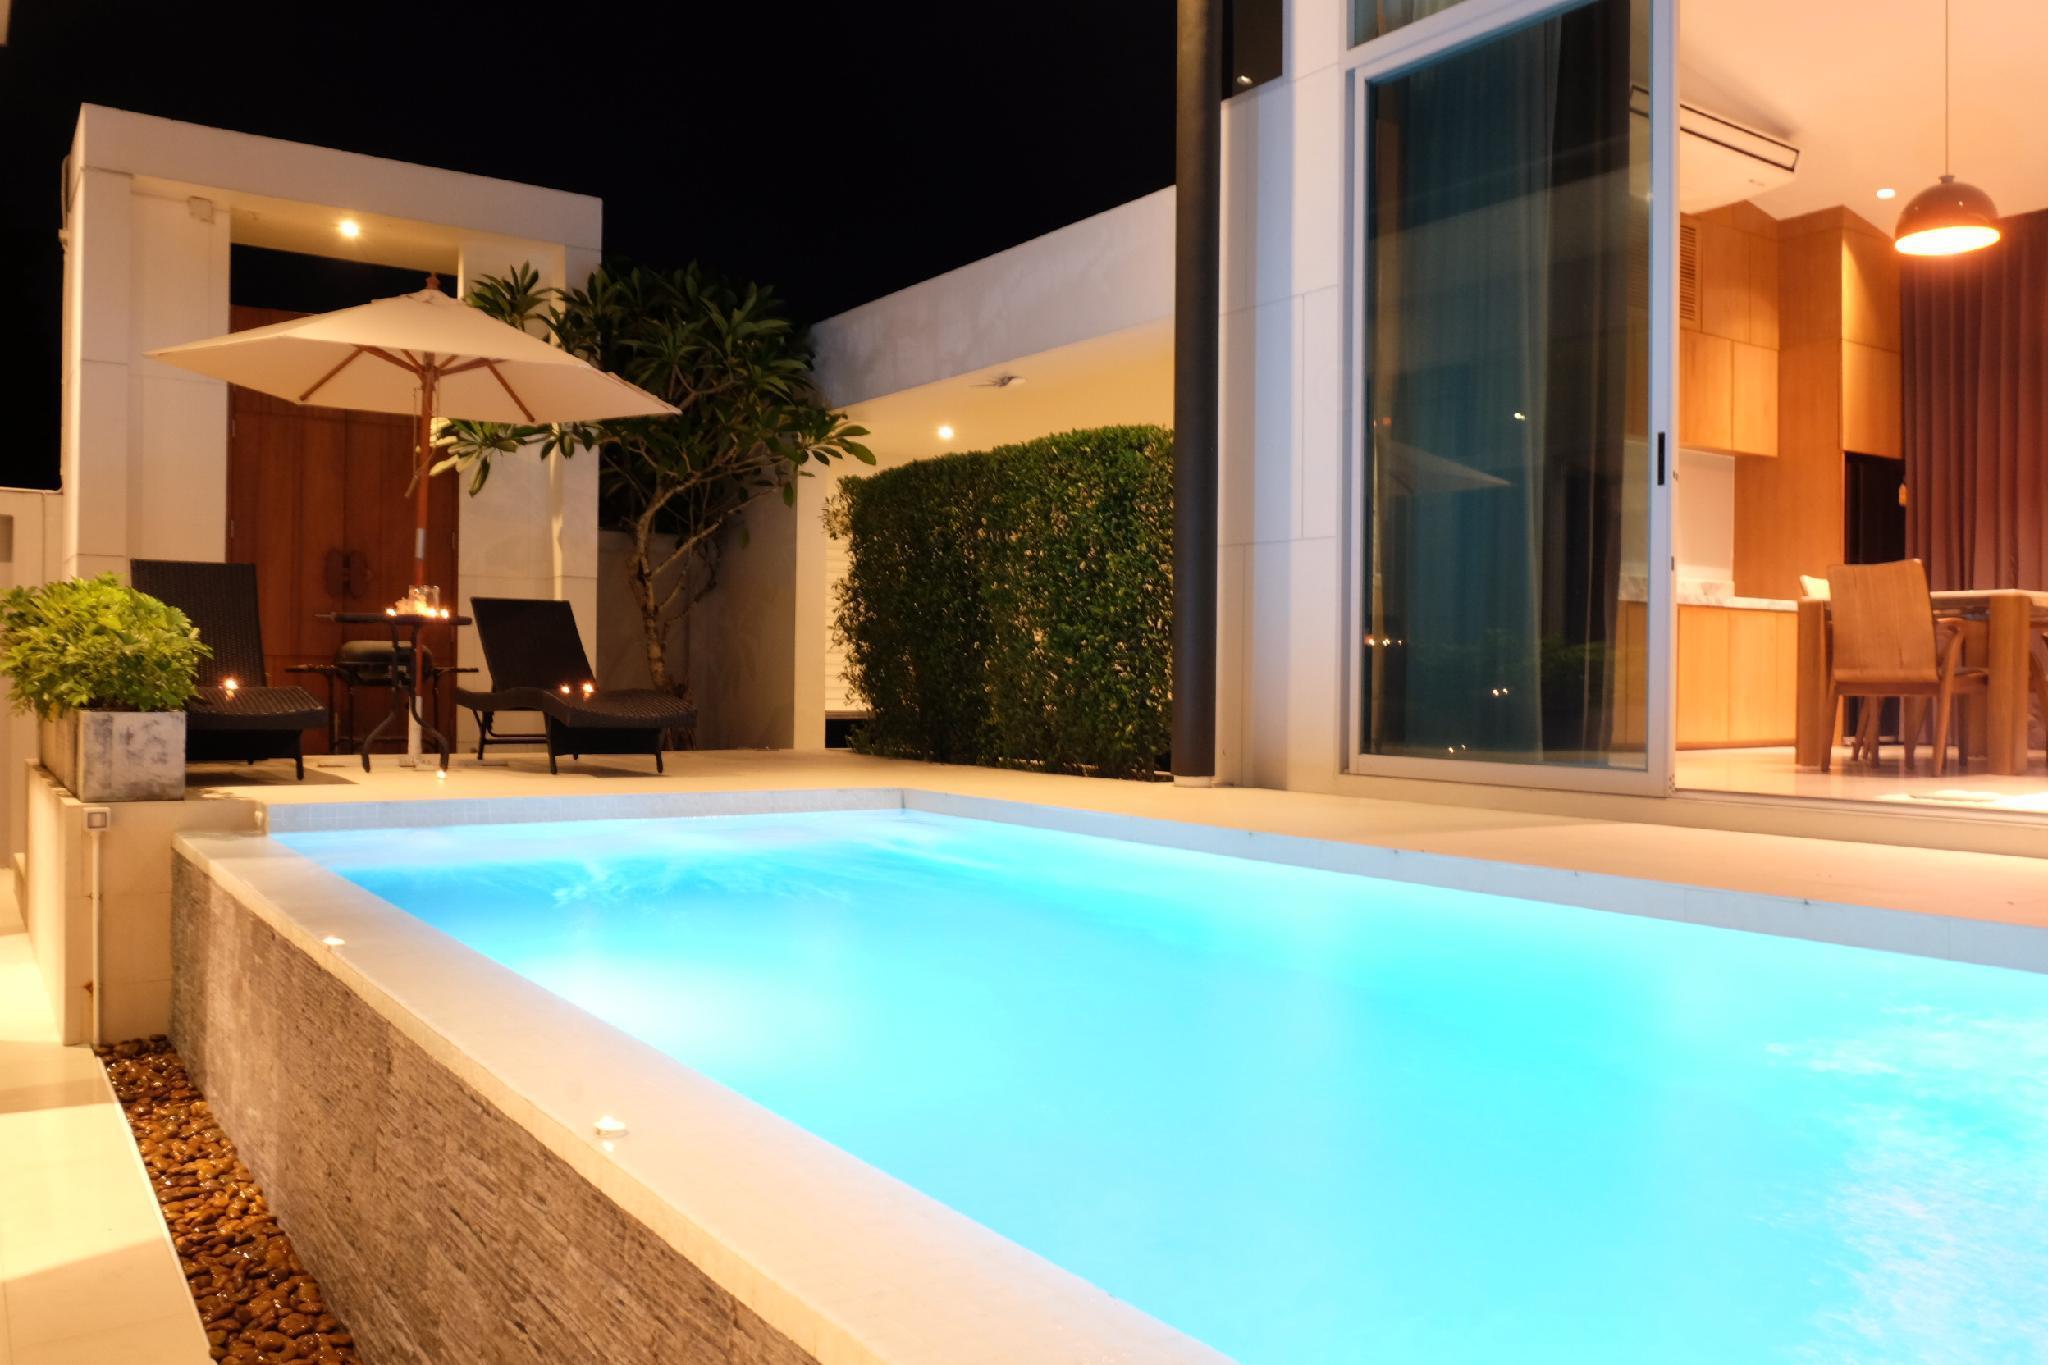 Tarton Bou Pool Villa Phuket วิลลา 3 ห้องนอน 3 ห้องน้ำส่วนตัว ขนาด 400 ตร.ม. – บางเทา